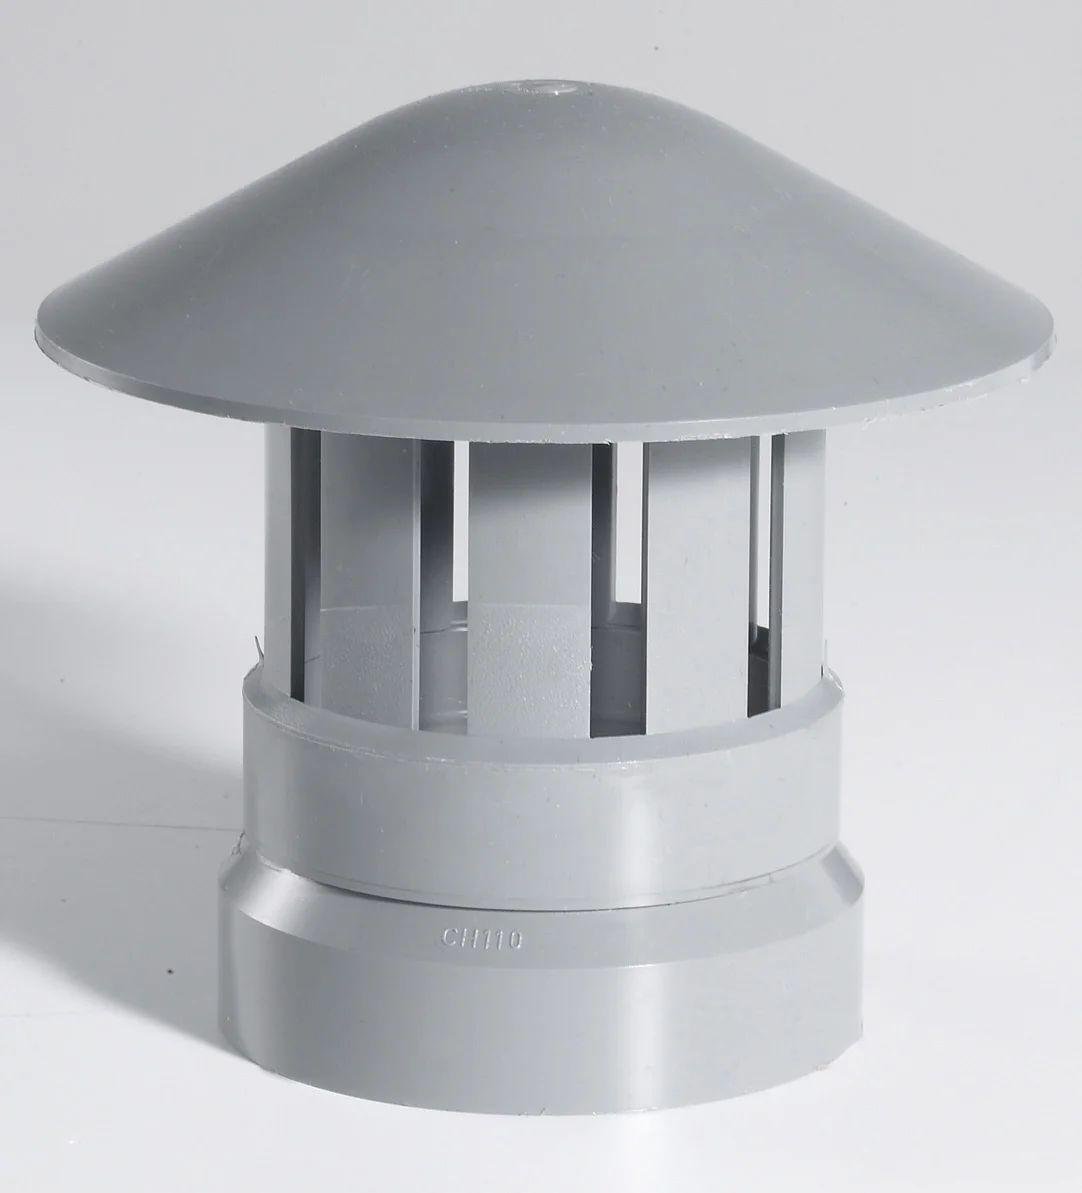 Chapeau De Ventilation Femelle Pvc Gris Girpi Diam 110 Mm Leroy Merlin